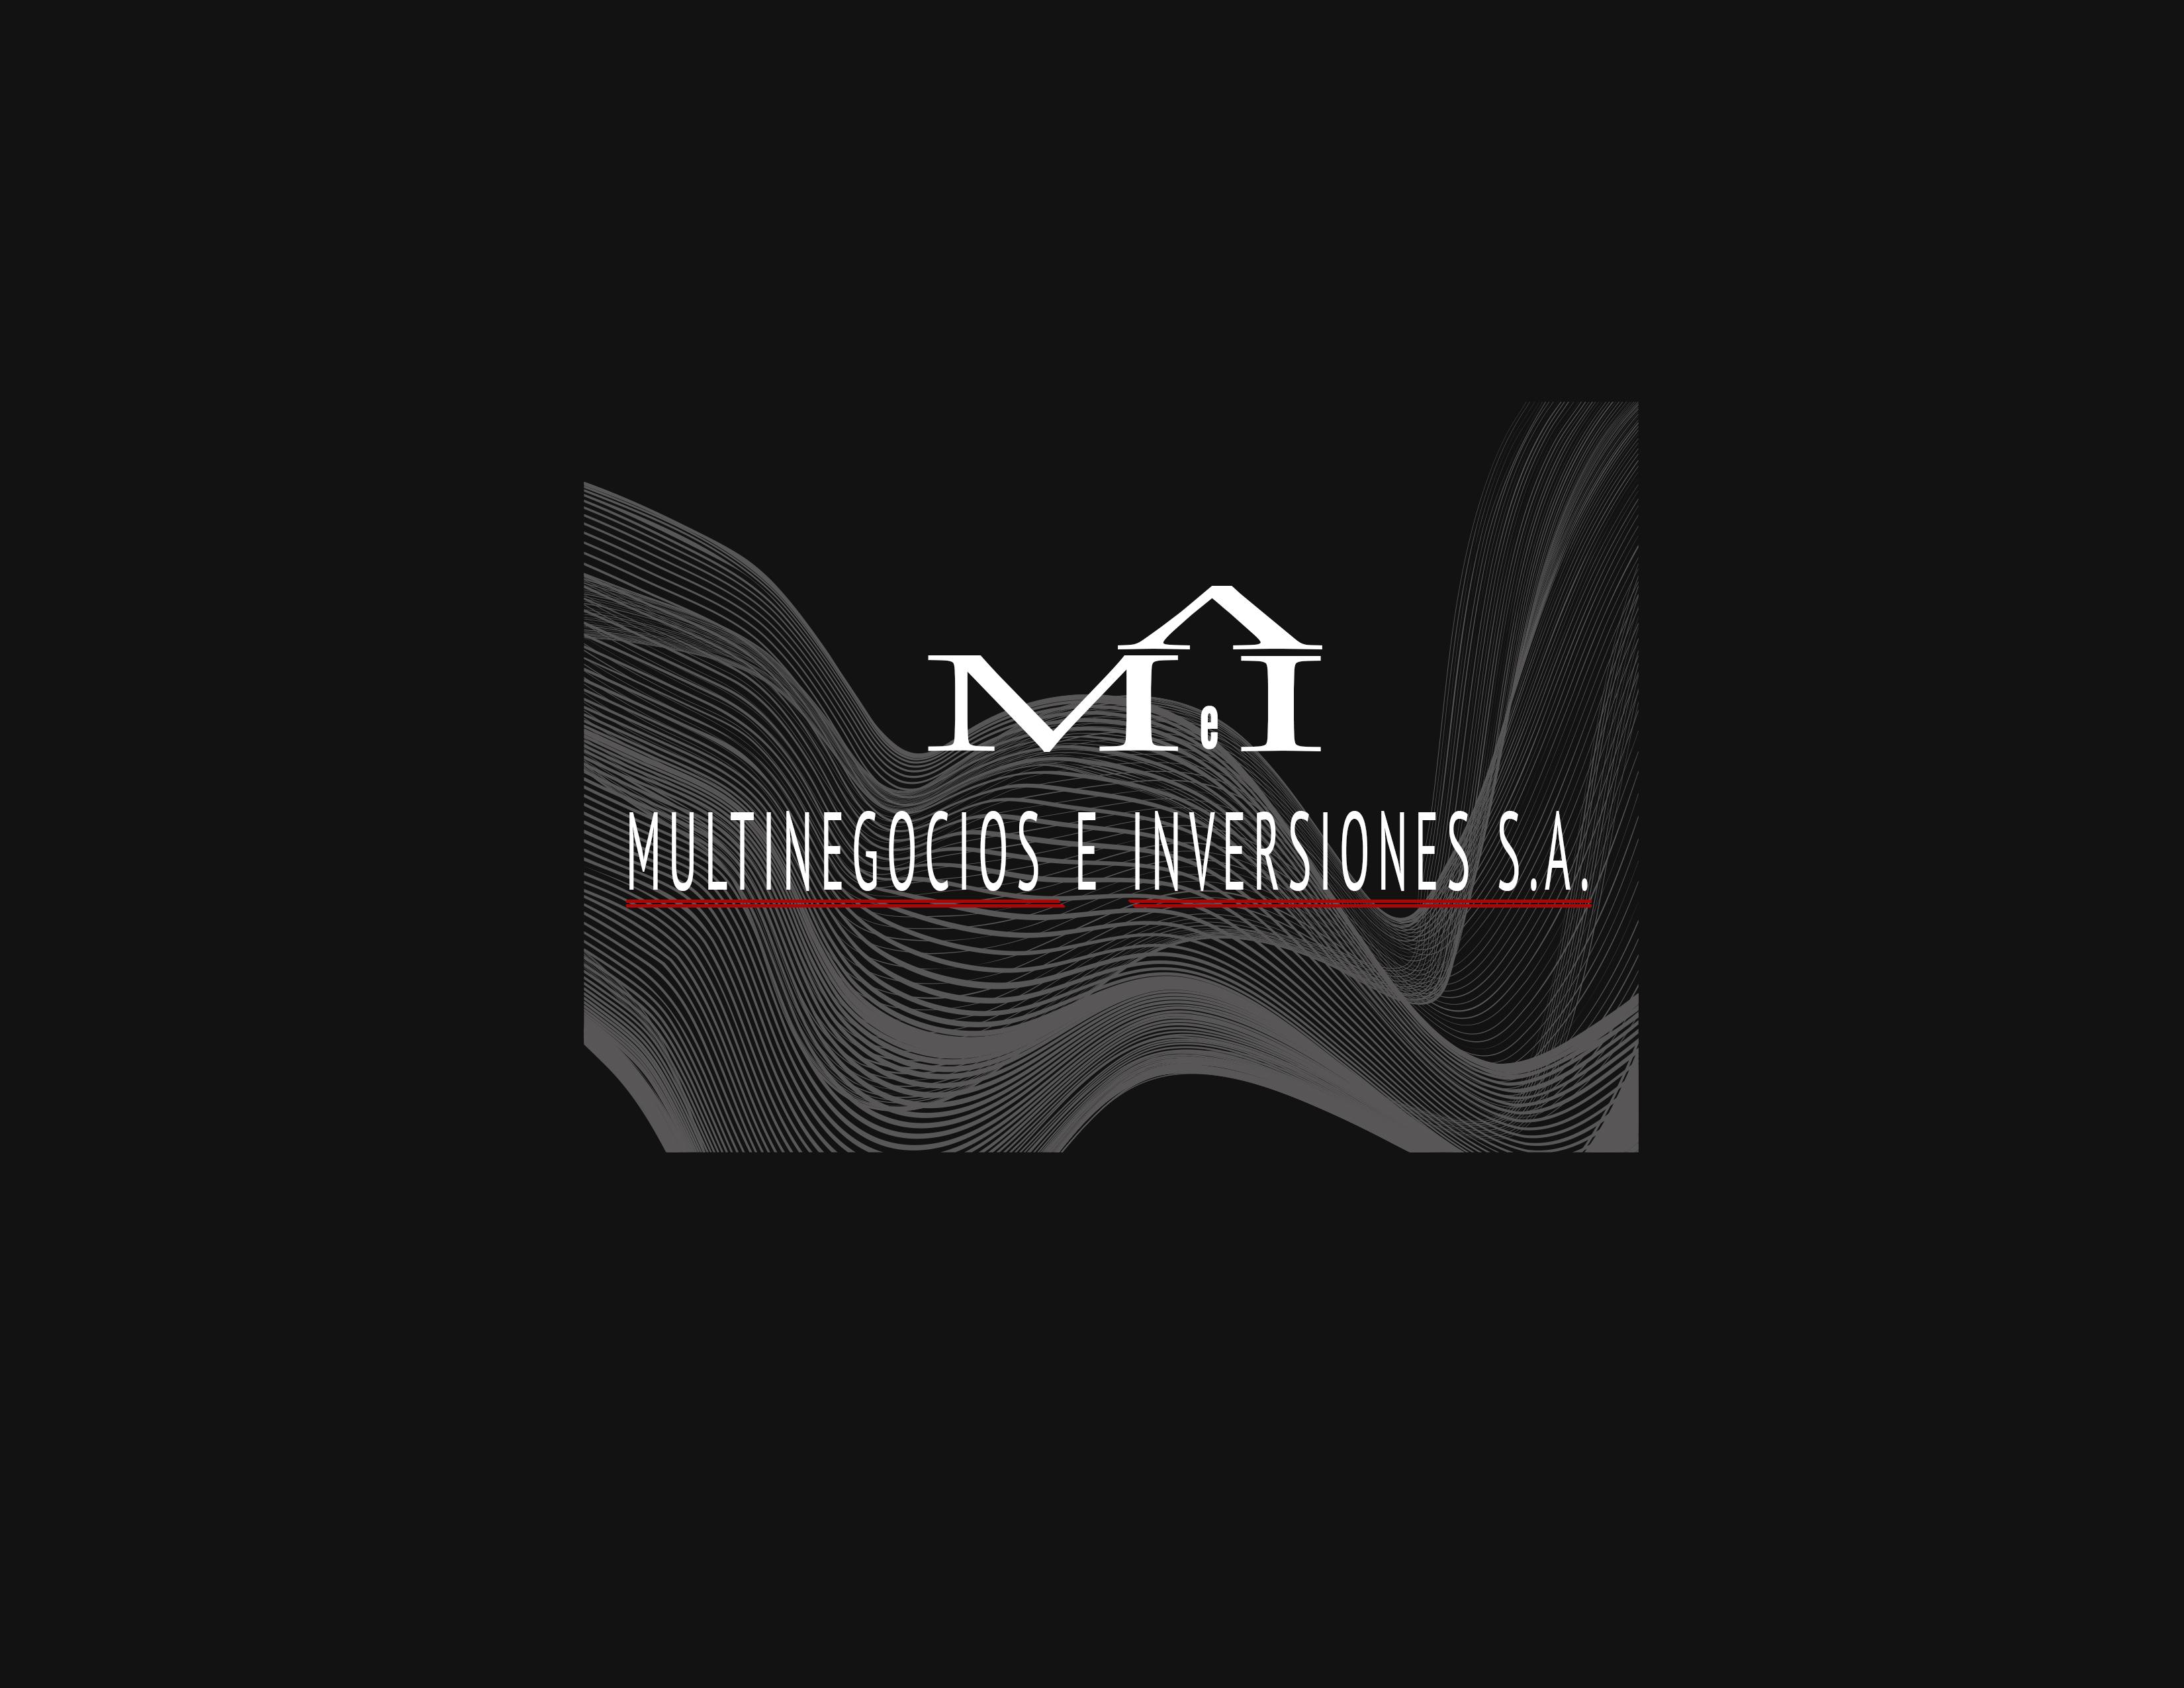 Multinegocios E Inversiones, S.A